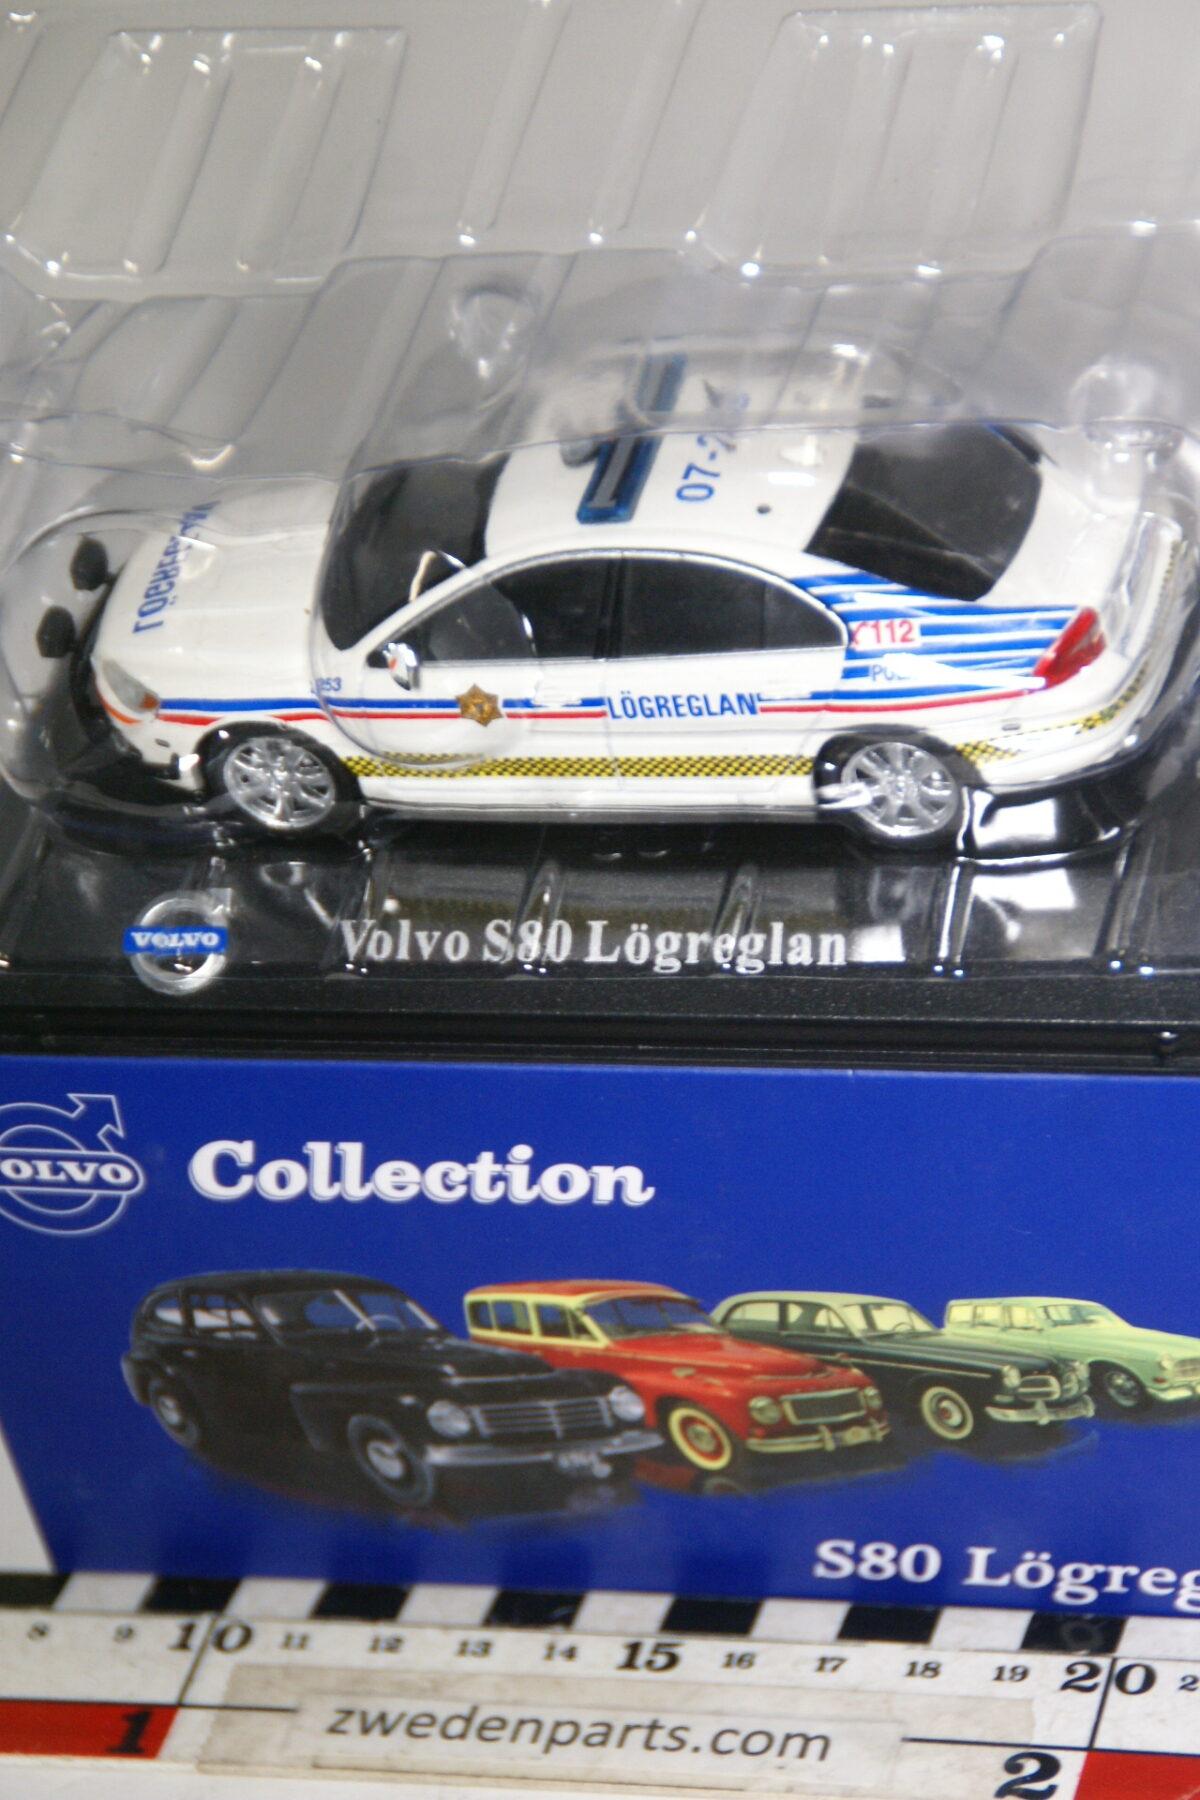 DSC00494 miniatuur Volvo S80 politie Lögreglan 1op43 Atlas 89 nieuw in originele verpakking-d27e07da